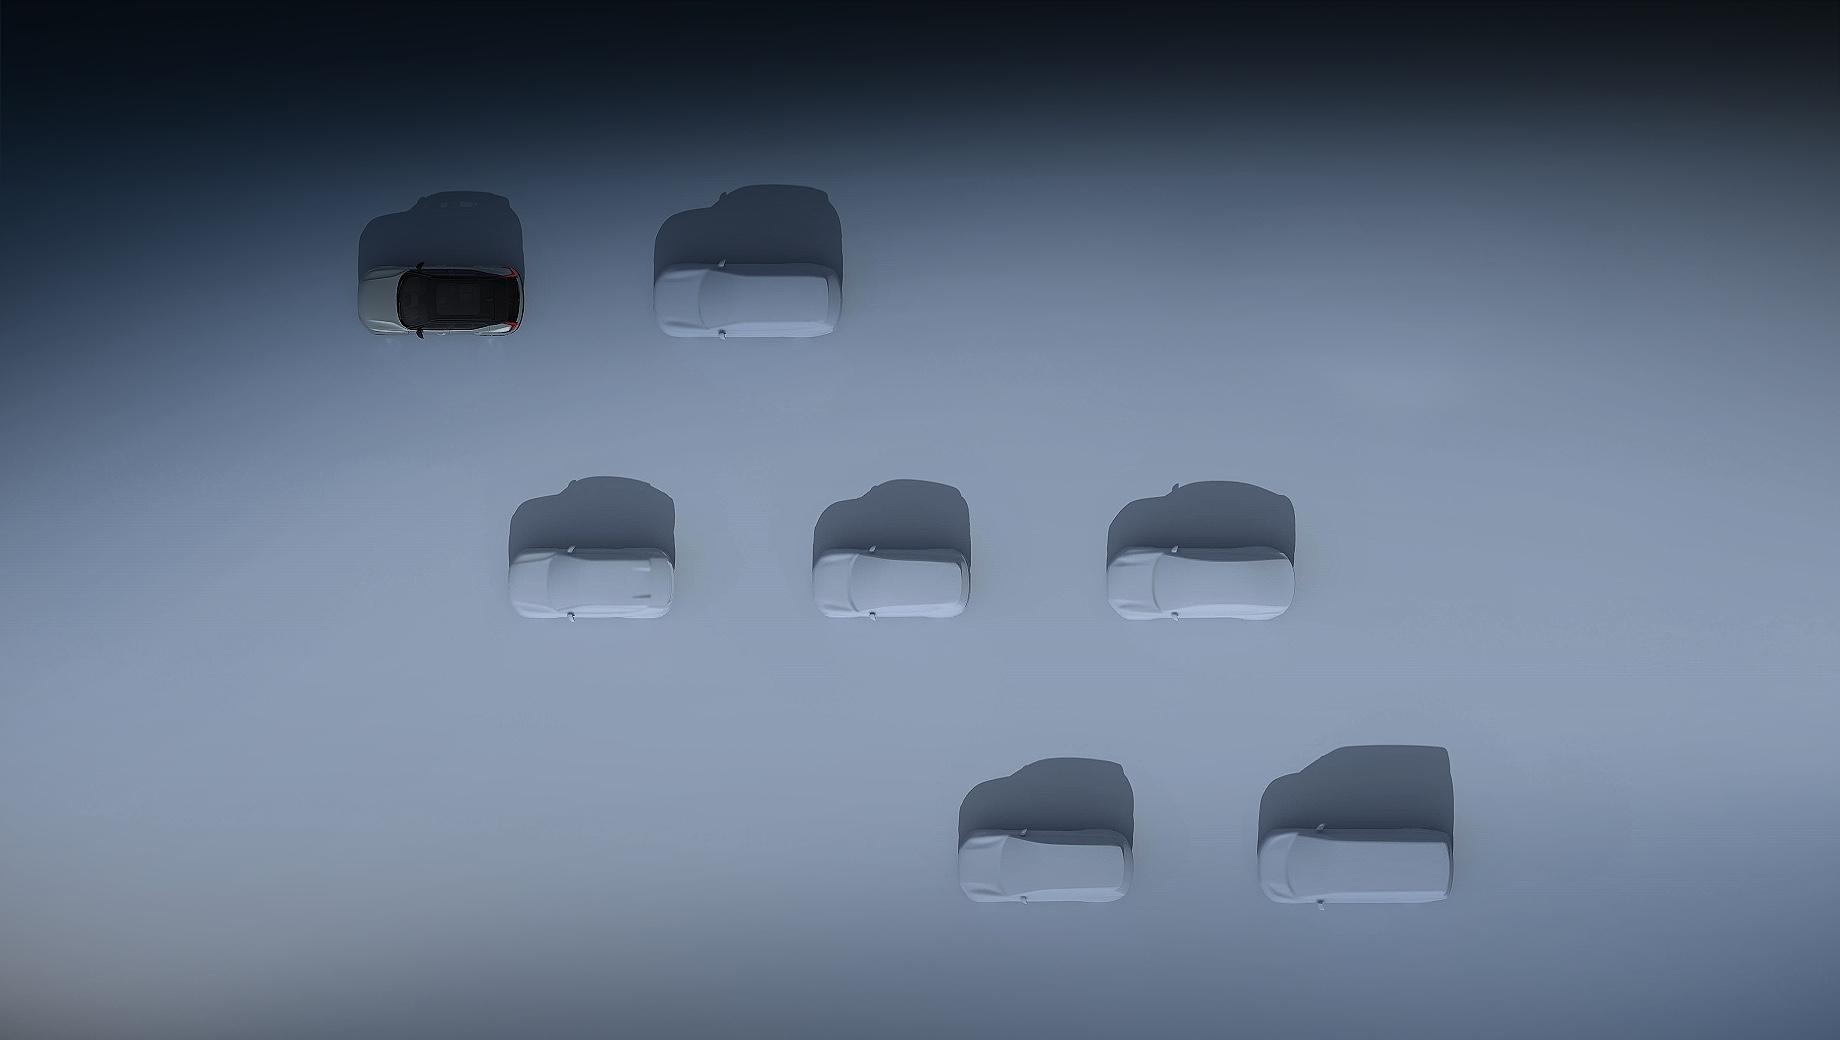 Электрокары Volvo будут продаваться только в Интернете